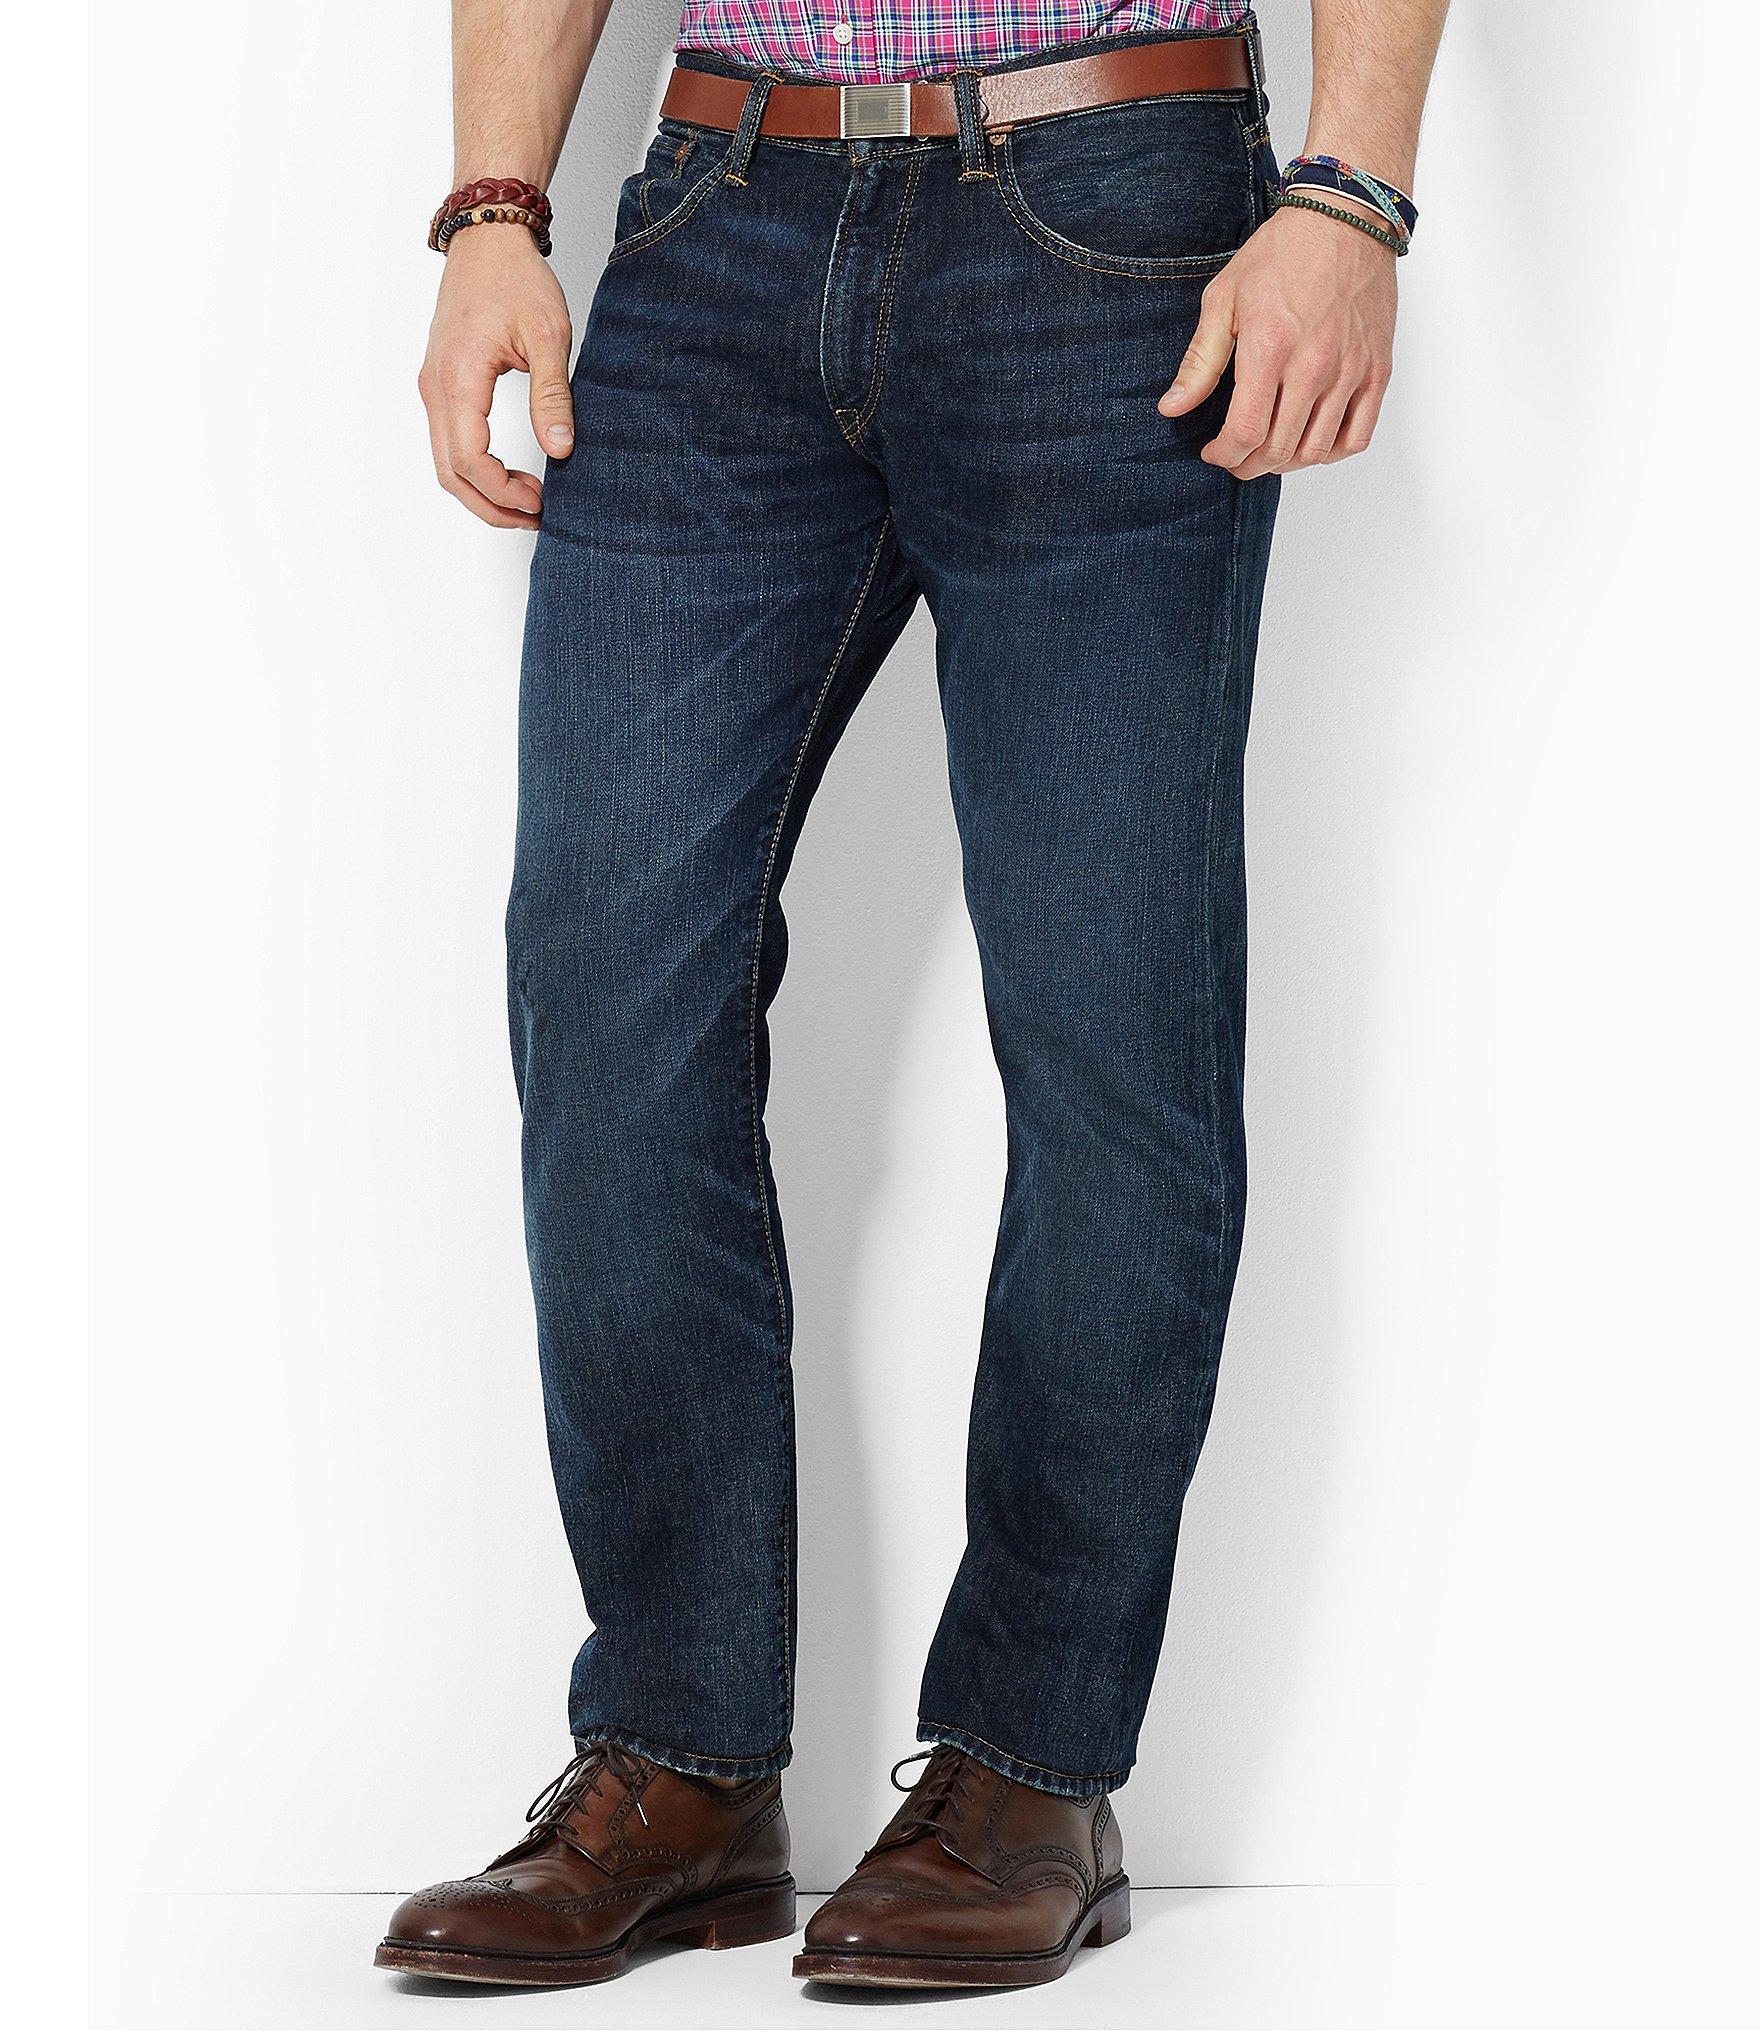 Men Low Rise Jeans